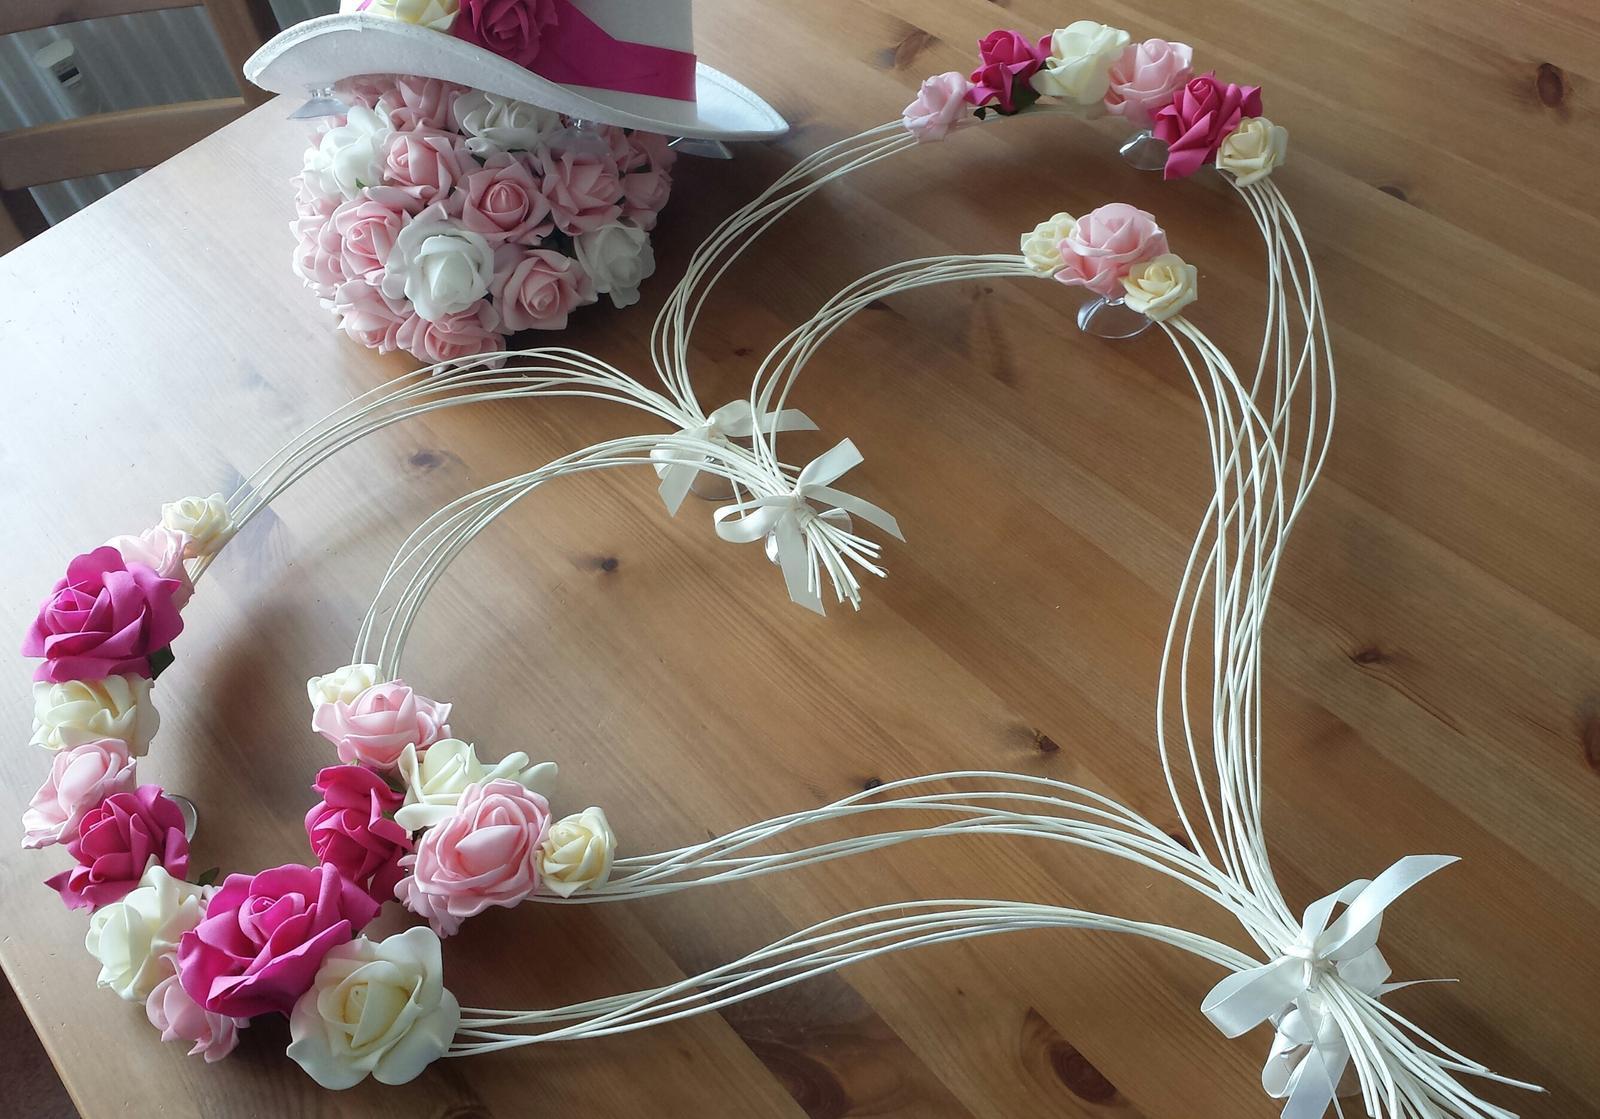 Svatební dekorace na auta - Srdcová záležitost pro nevěstu Verunku;-)